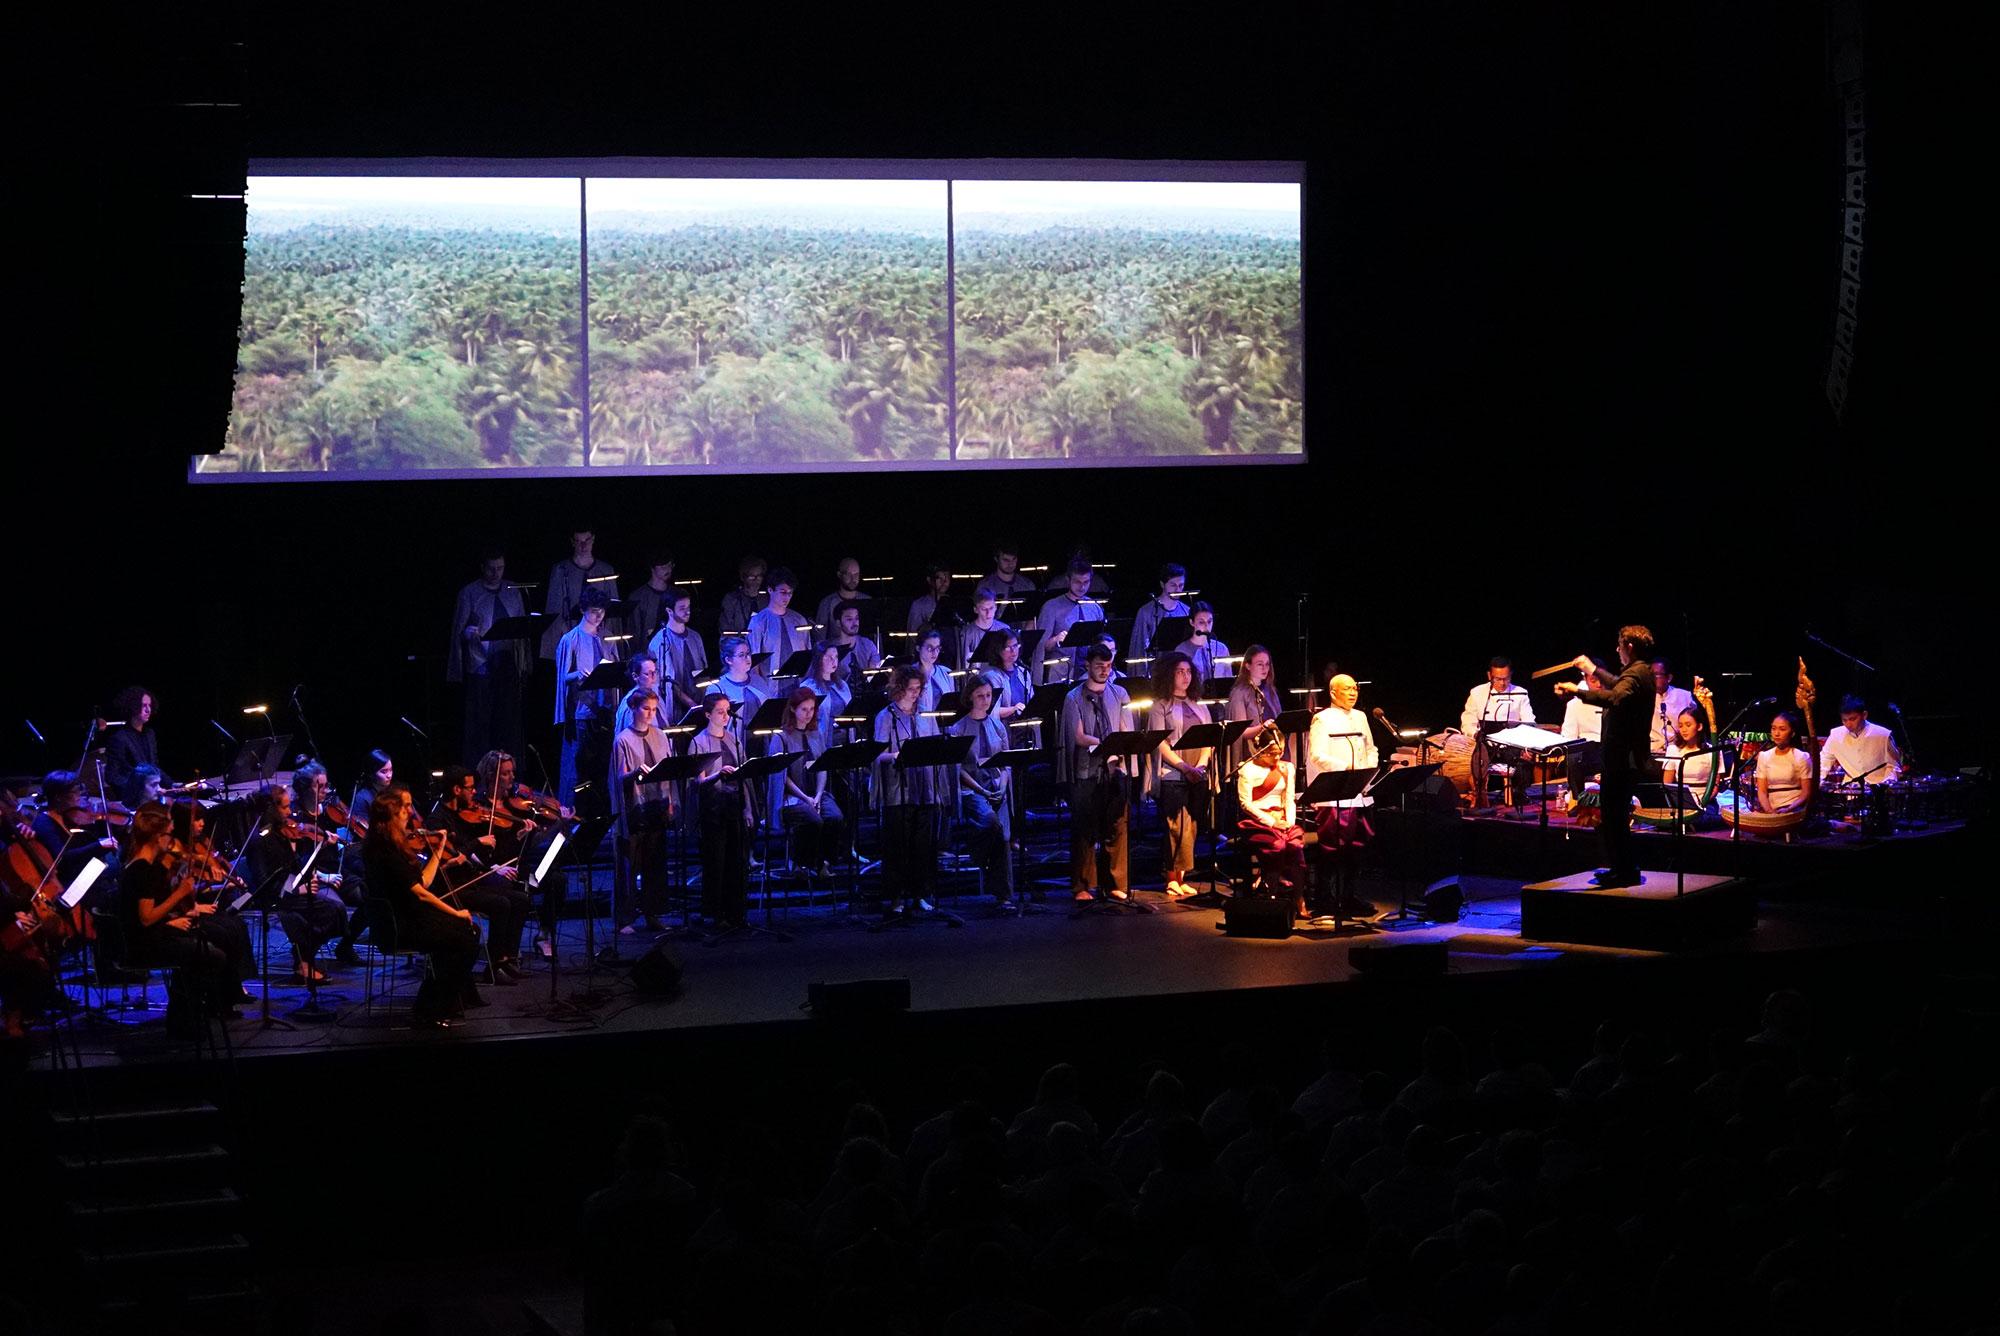 Bangsokol: A Requiem for Cambodia, at Philharmonie de Paris, Cité de la Musique